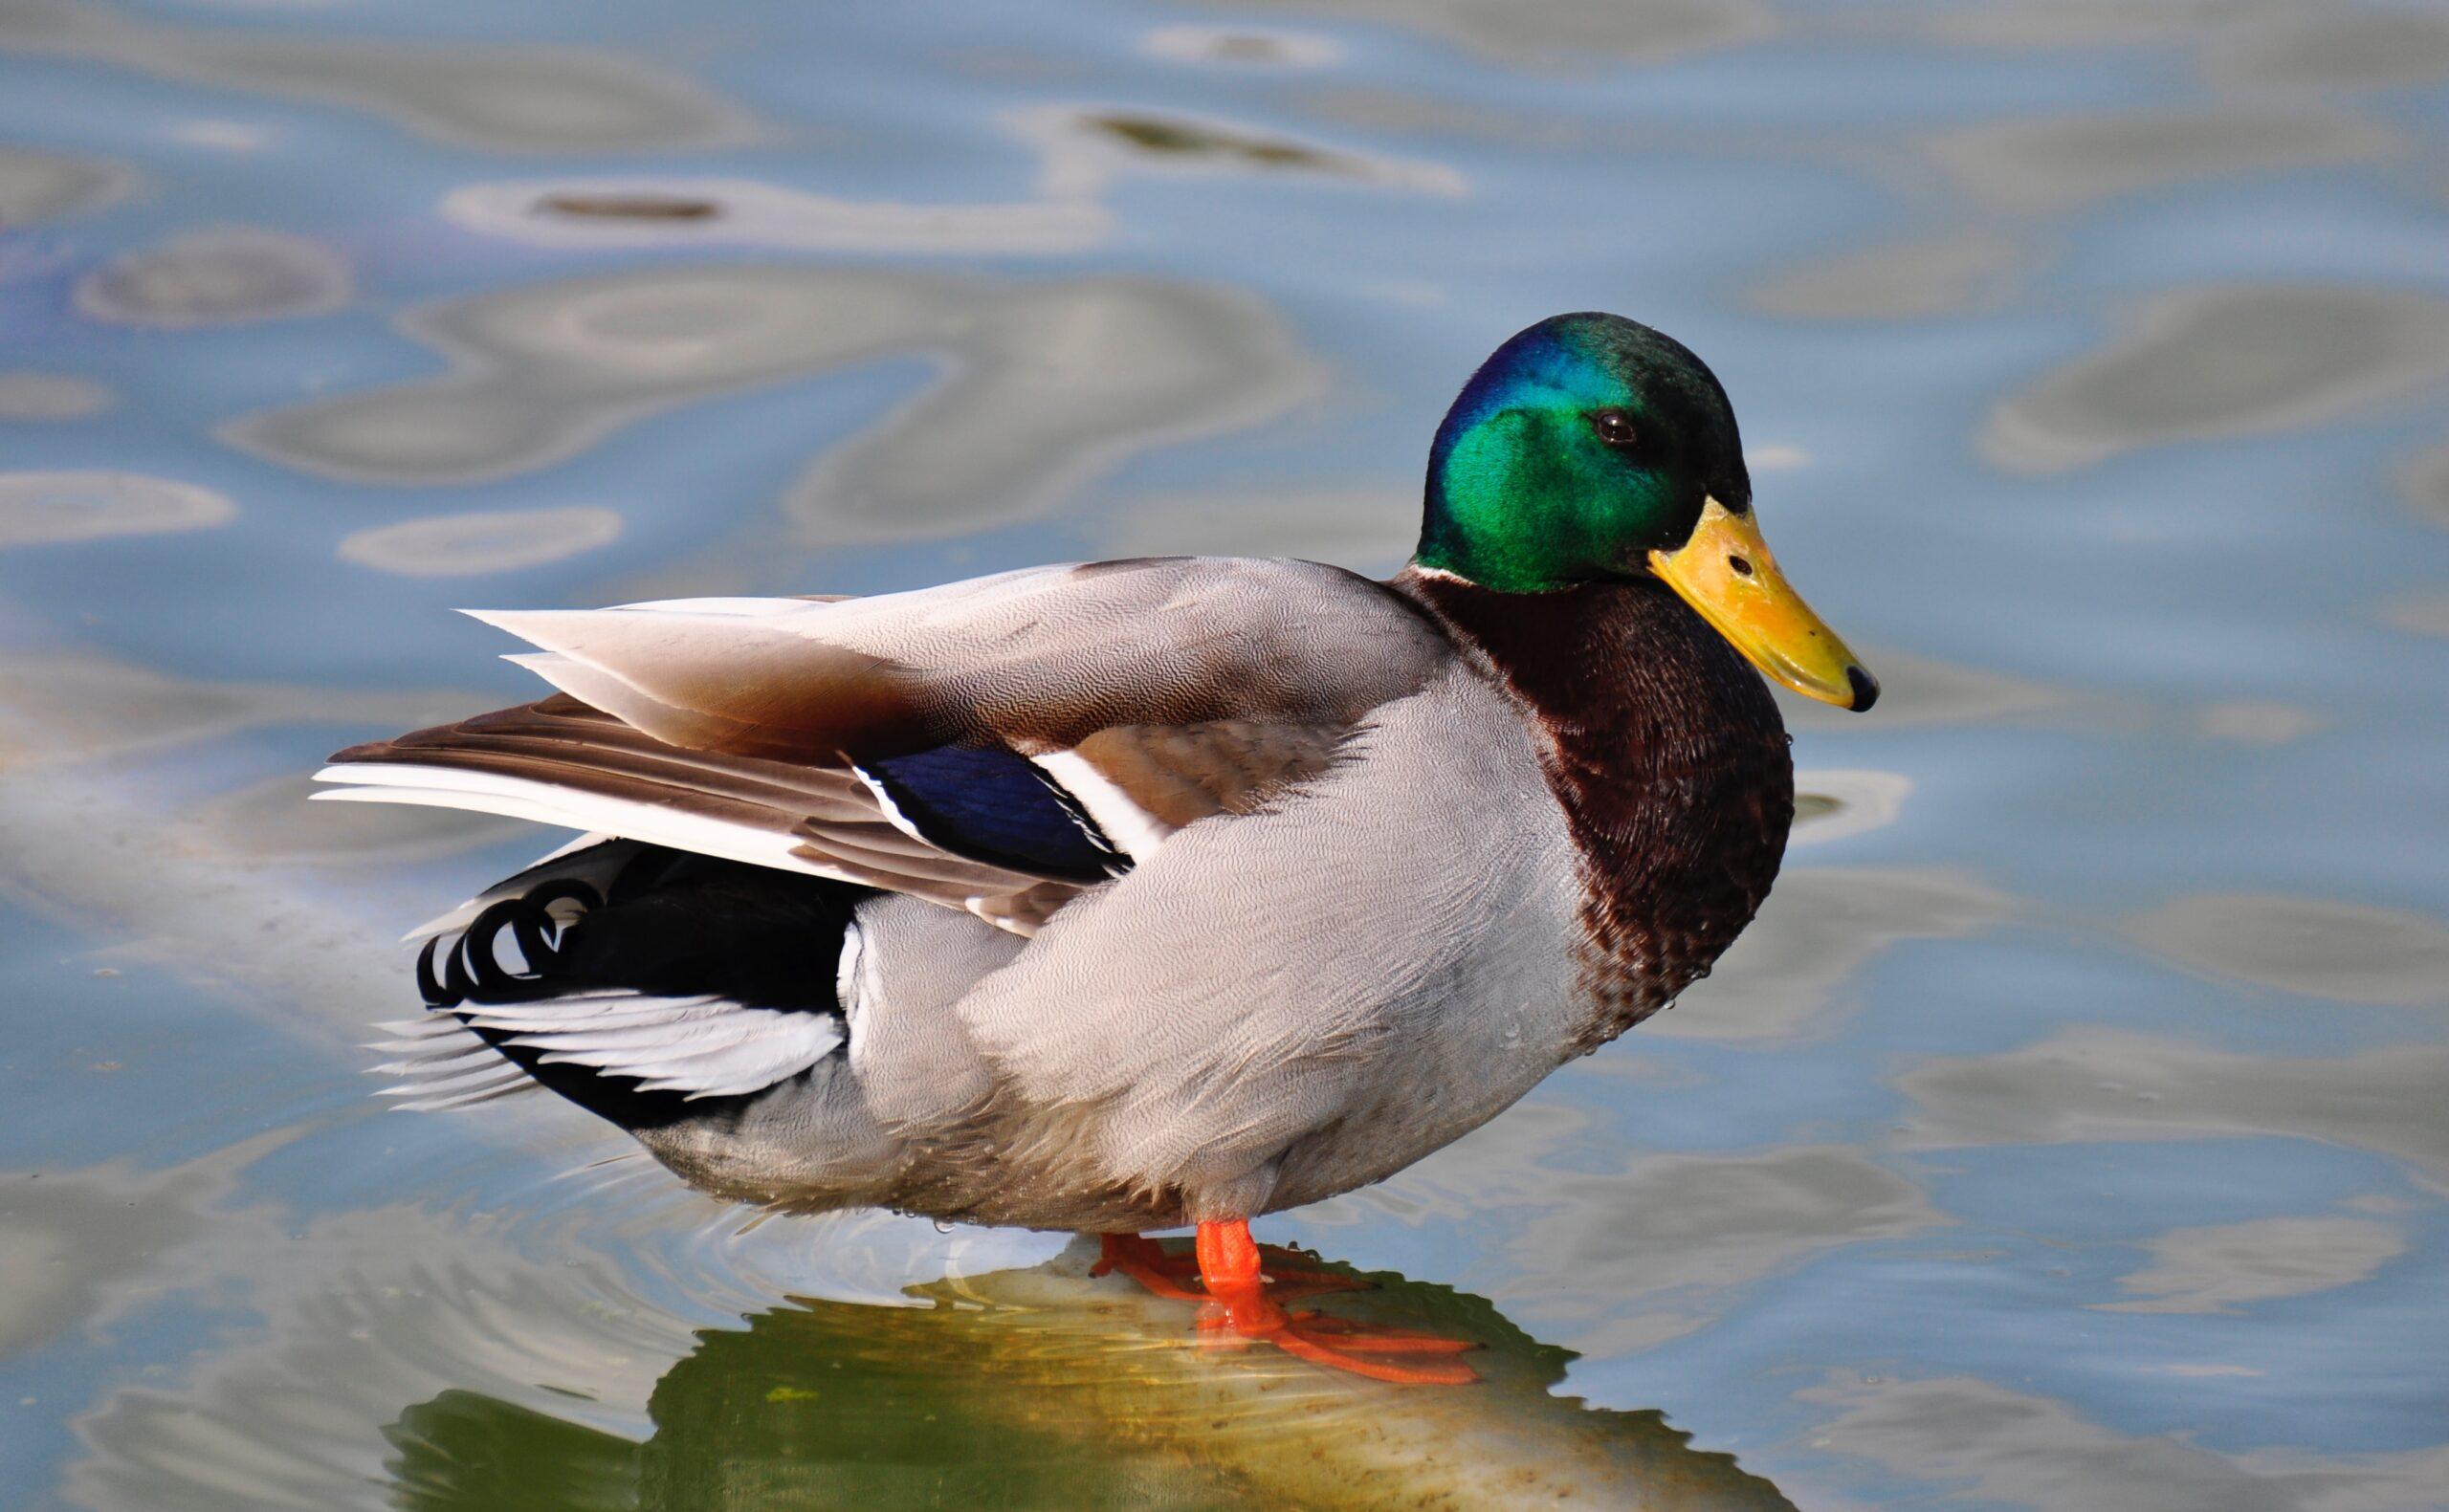 A mallard duck standing in shallow water.